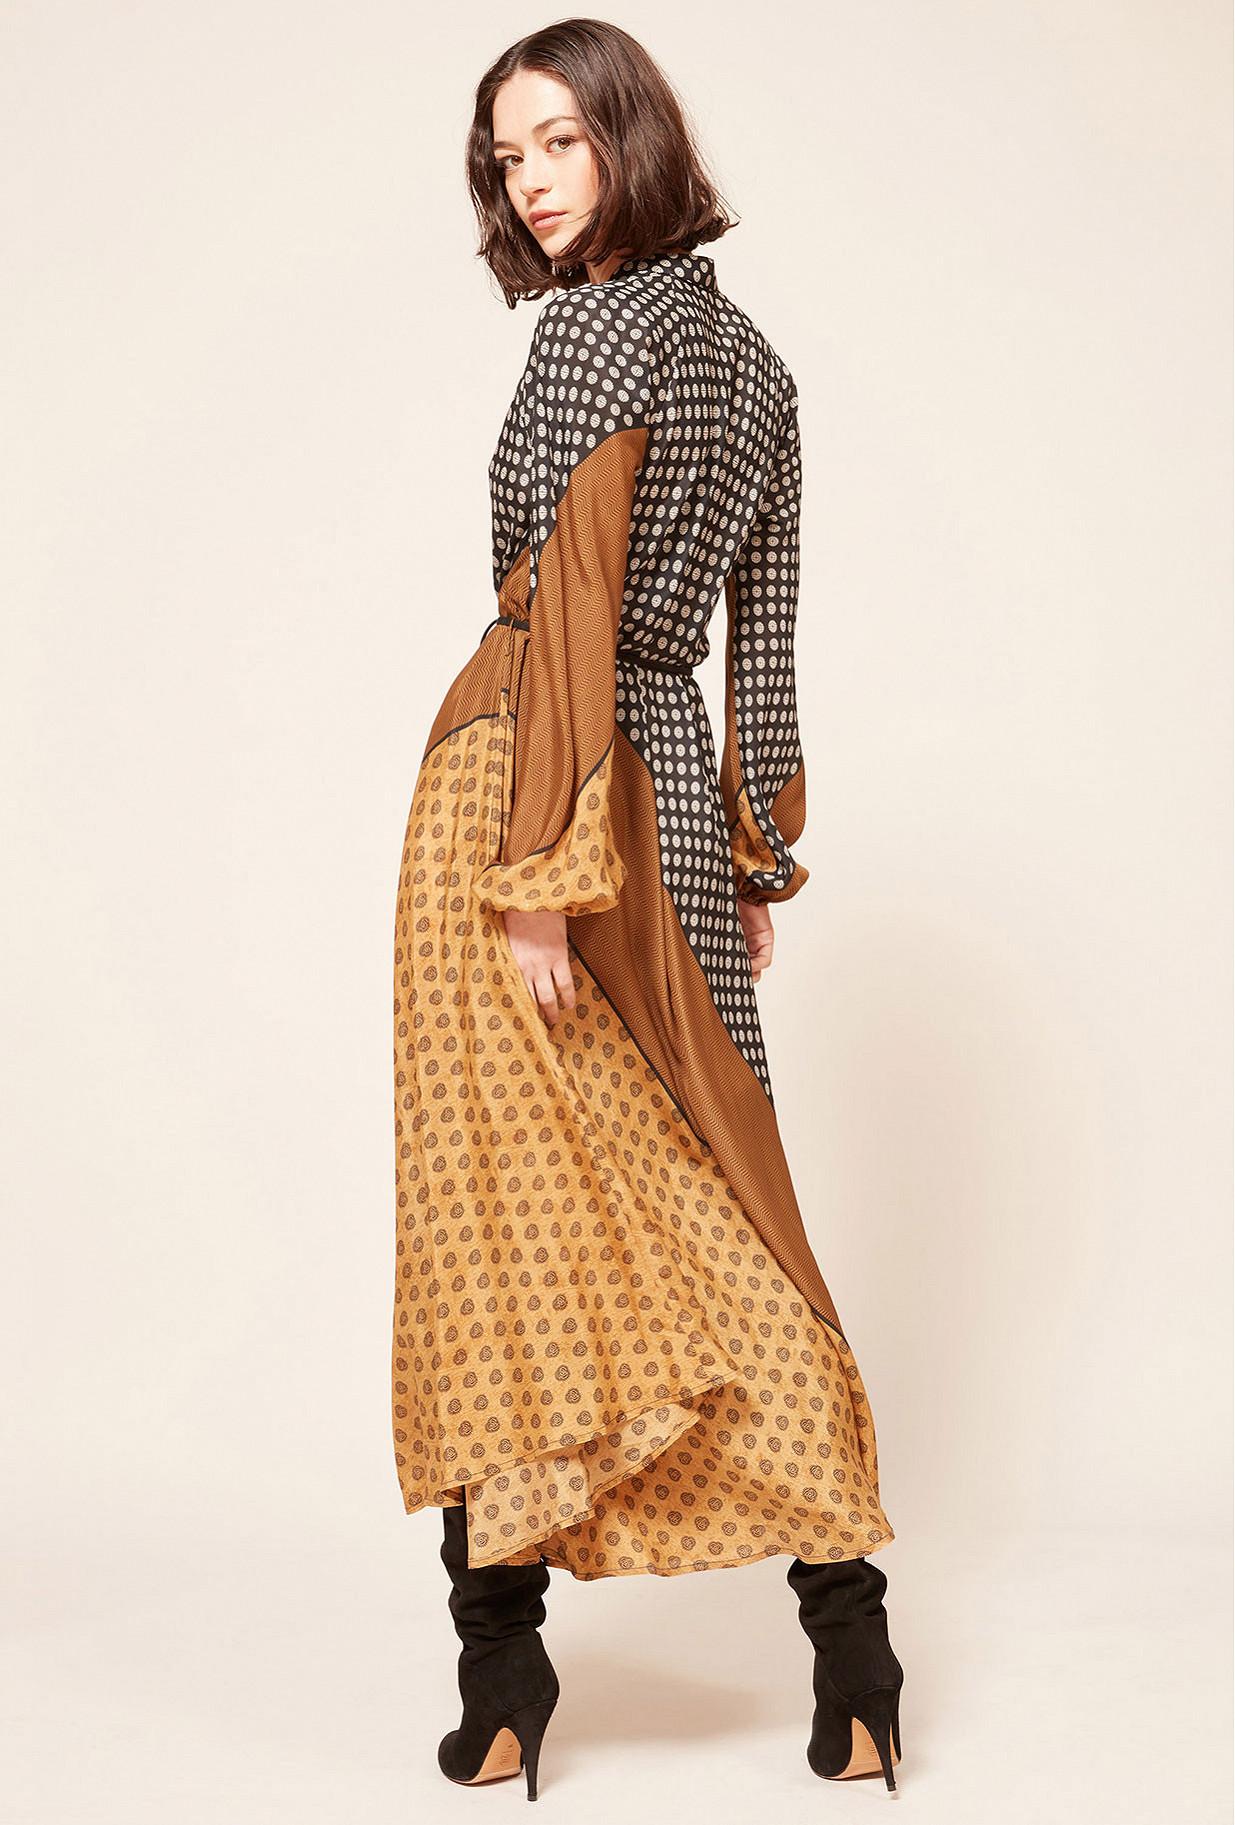 Robe Imprimé Beige  Brange mes demoiselles paris vêtement femme paris